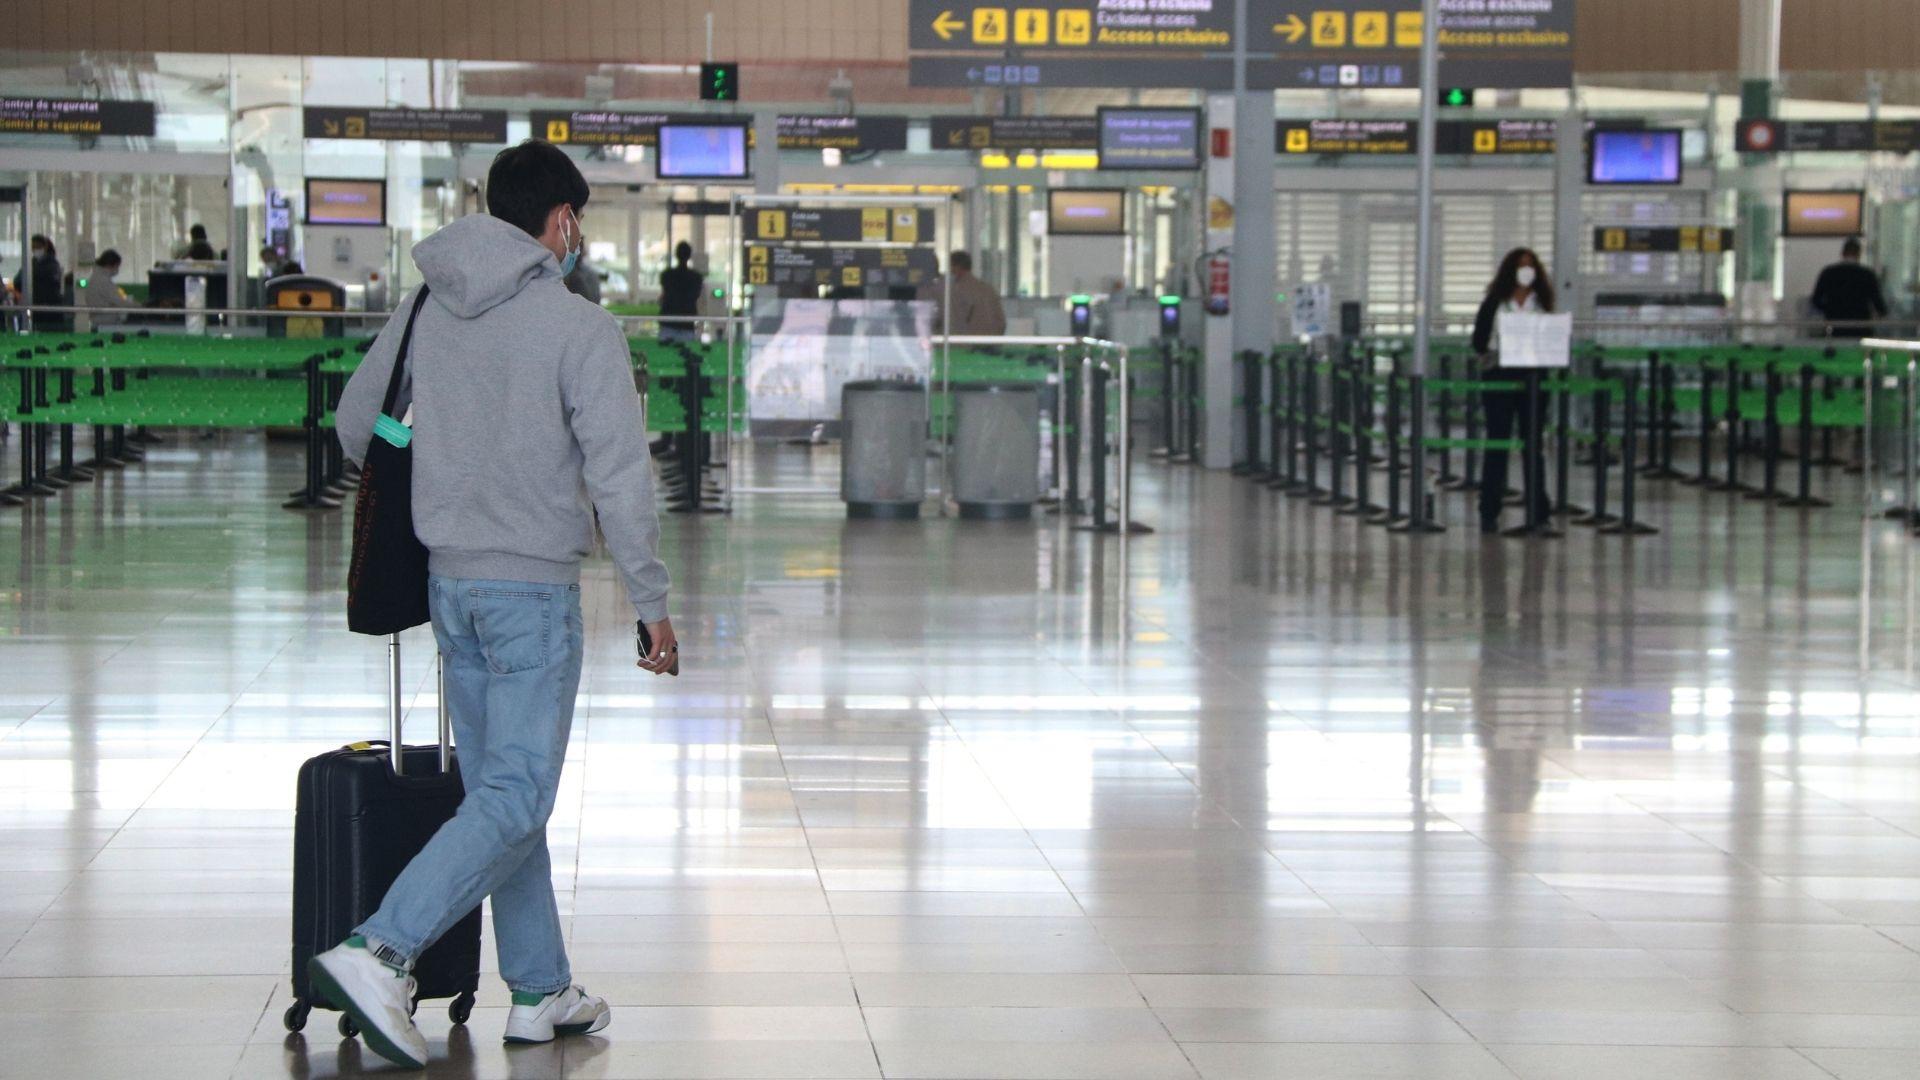 Pla obert d'un passatger a la zona d'arribades de la T1 de l'aeroport del Prat